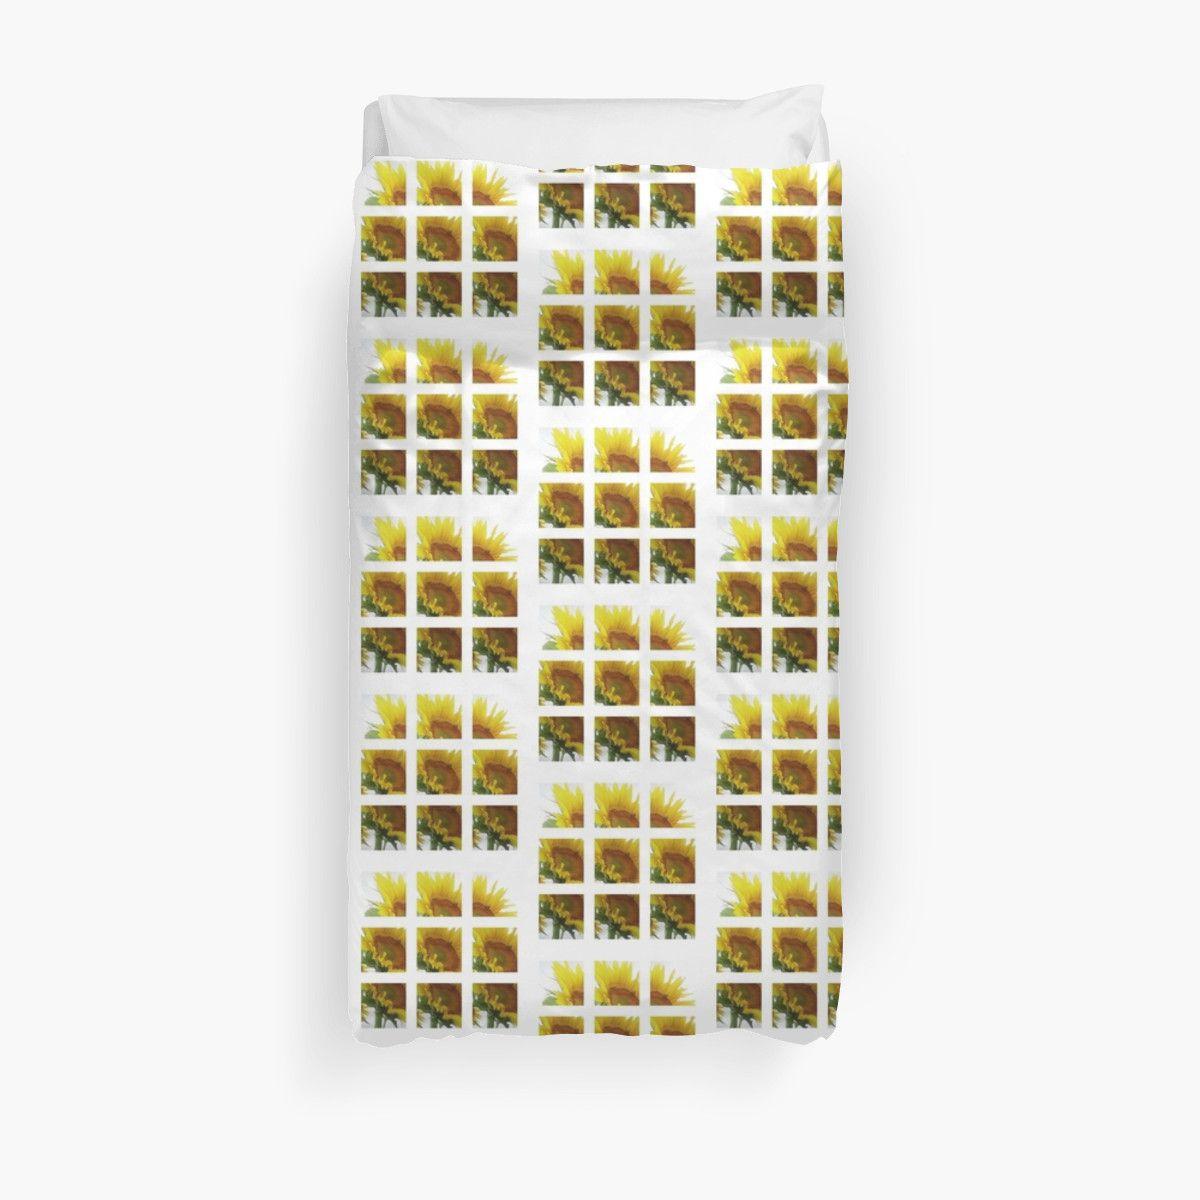 #duvet #duvetcover #bedding #sunflower #sunflowers #bedding #pretty #homedesign #homedecor #decor #kidsbedding #adultbedding